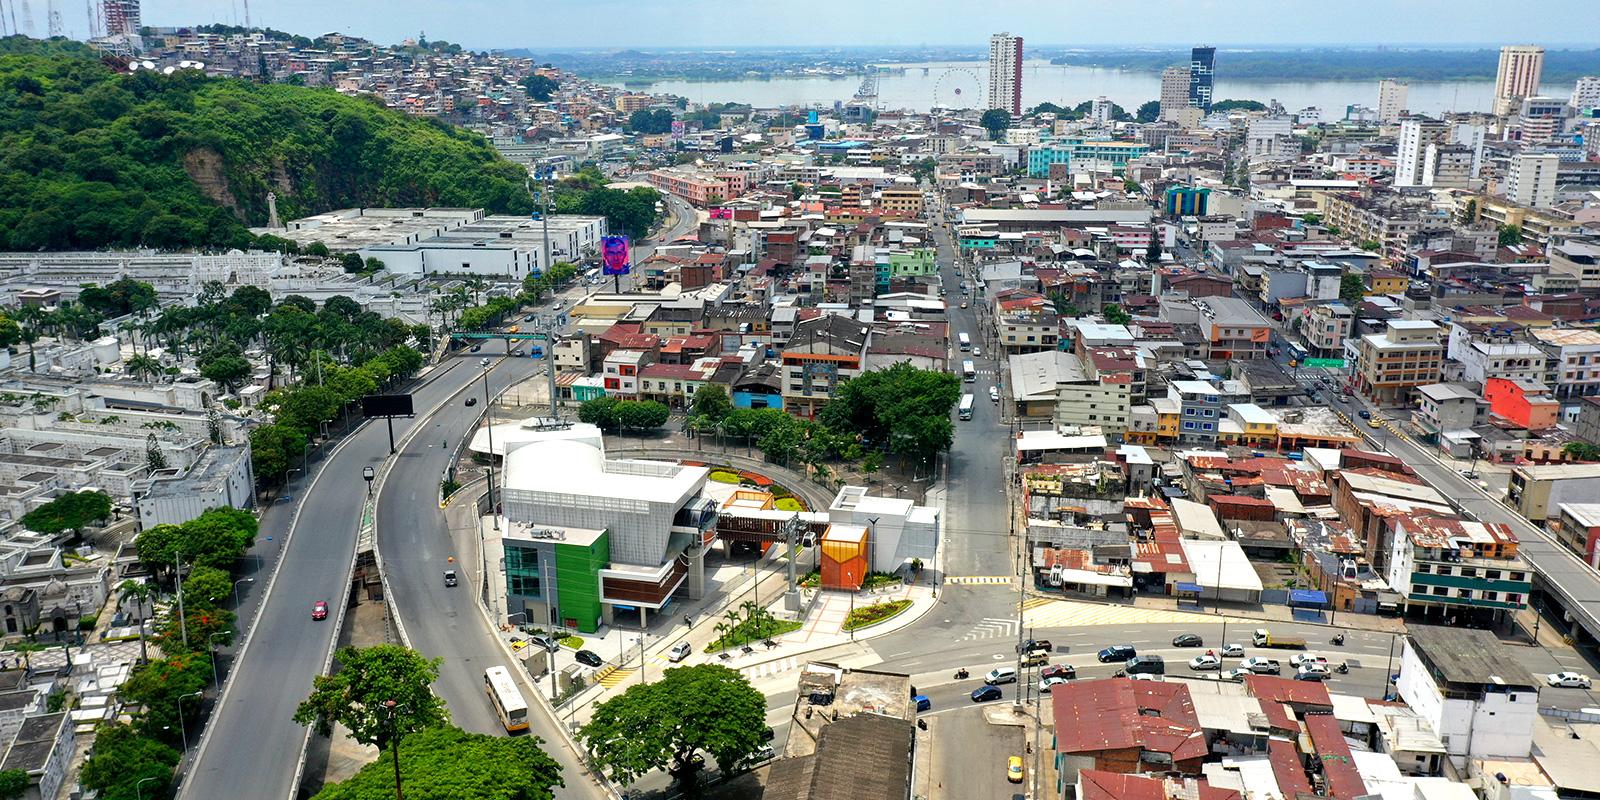 Aerovía Guayaquil - Durán